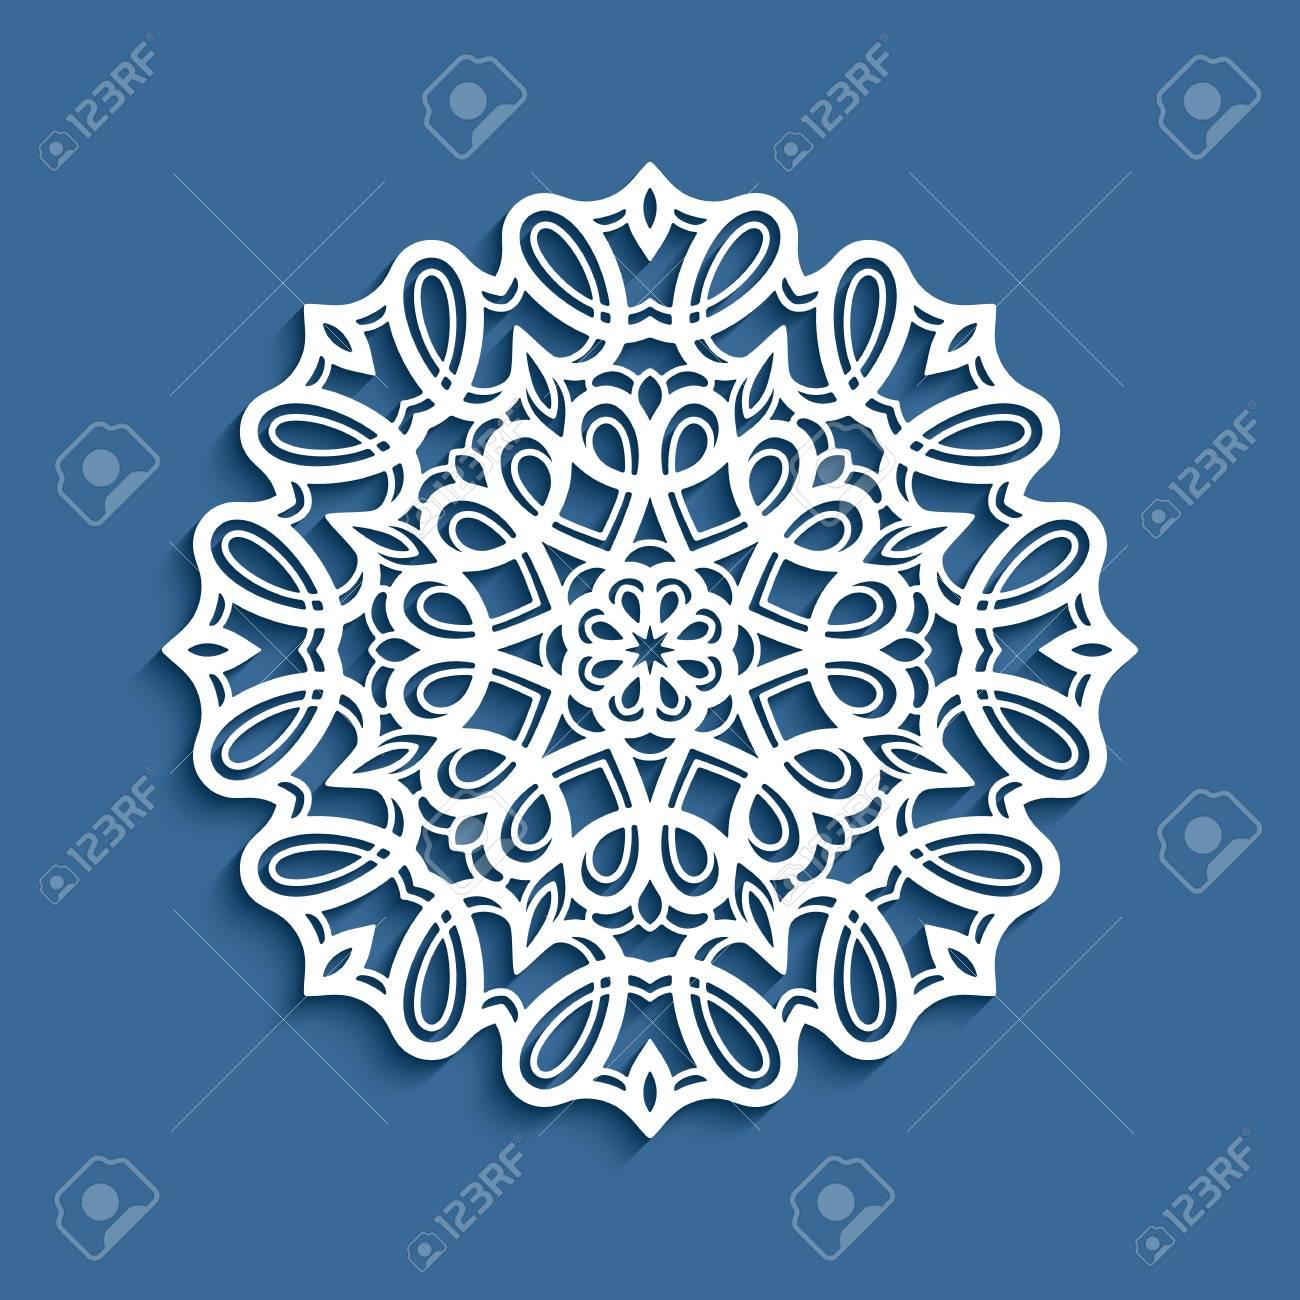 ラウンド レース ドイリーベクター装飾的な雪の結晶切り絵型紙